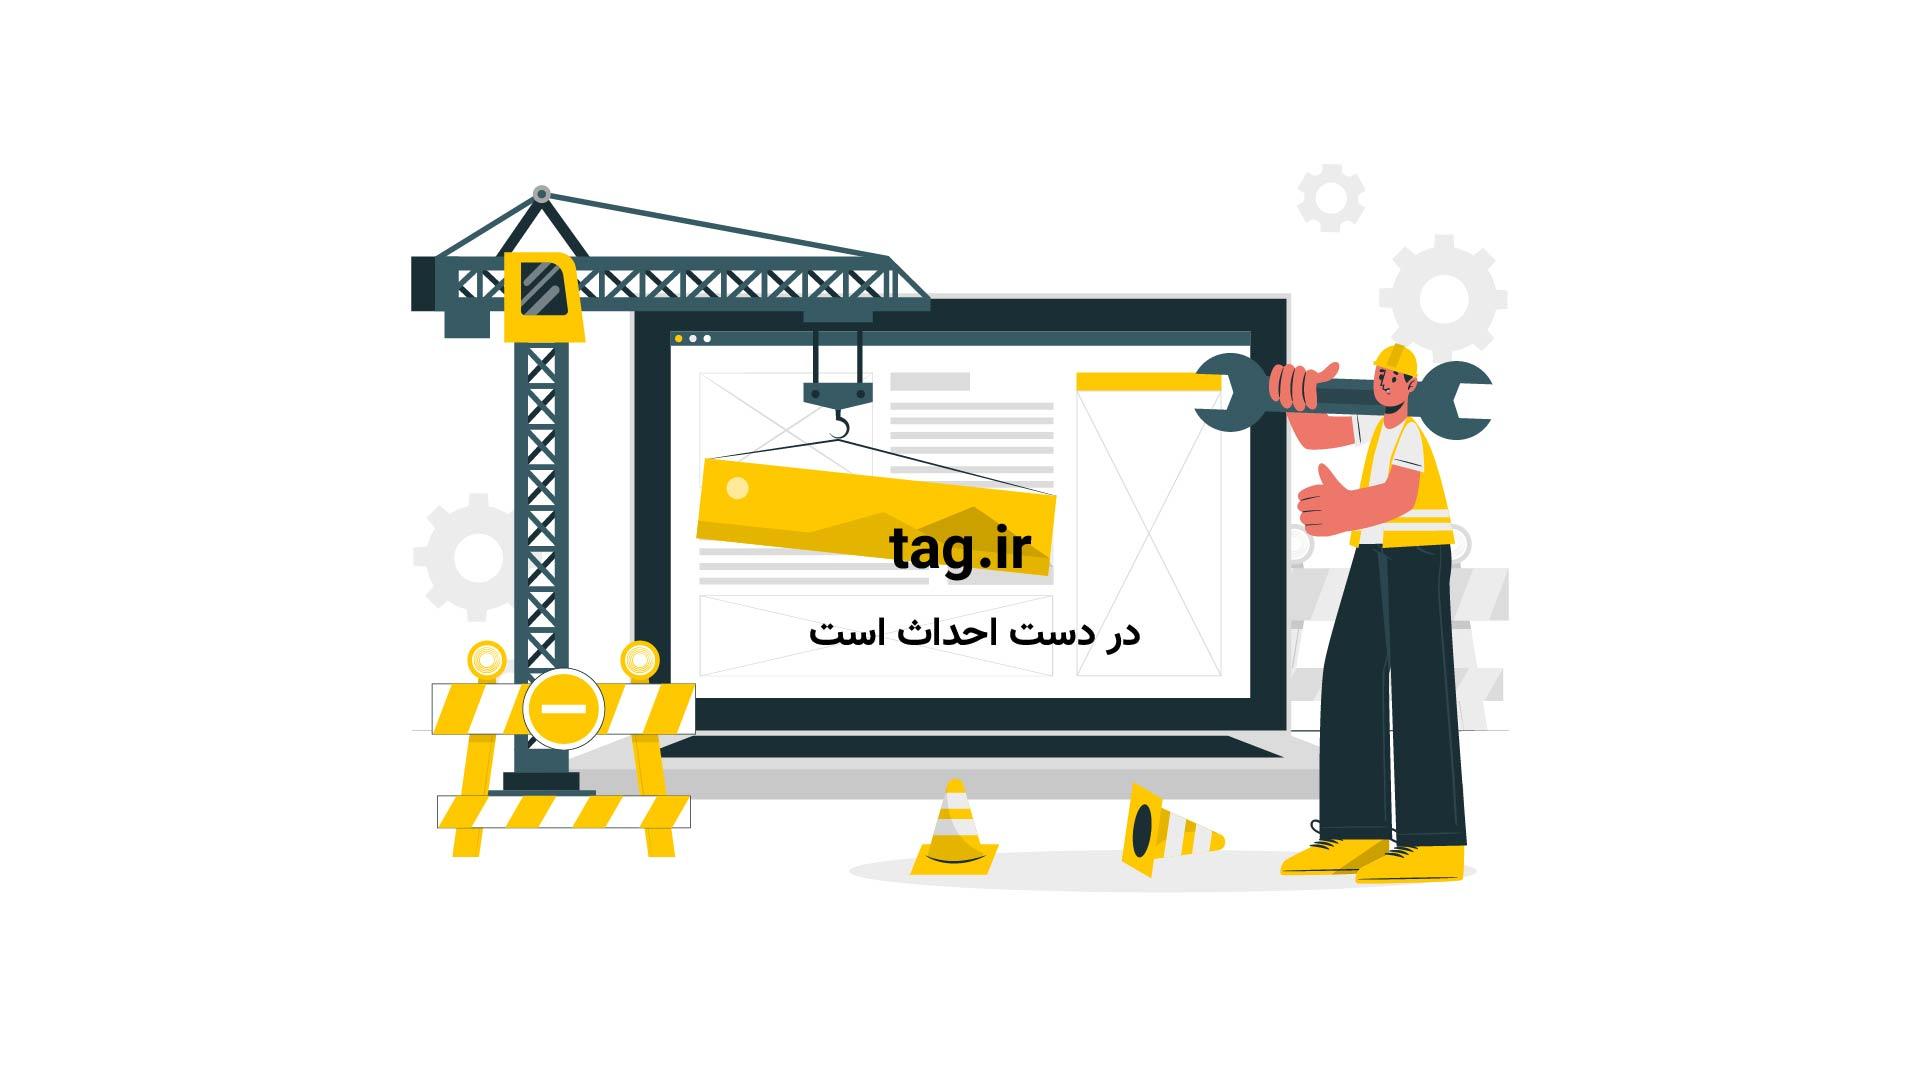 آلوسوروس؛ دایناسور شکارچی سریع با روش خارقالعاده | فیلم